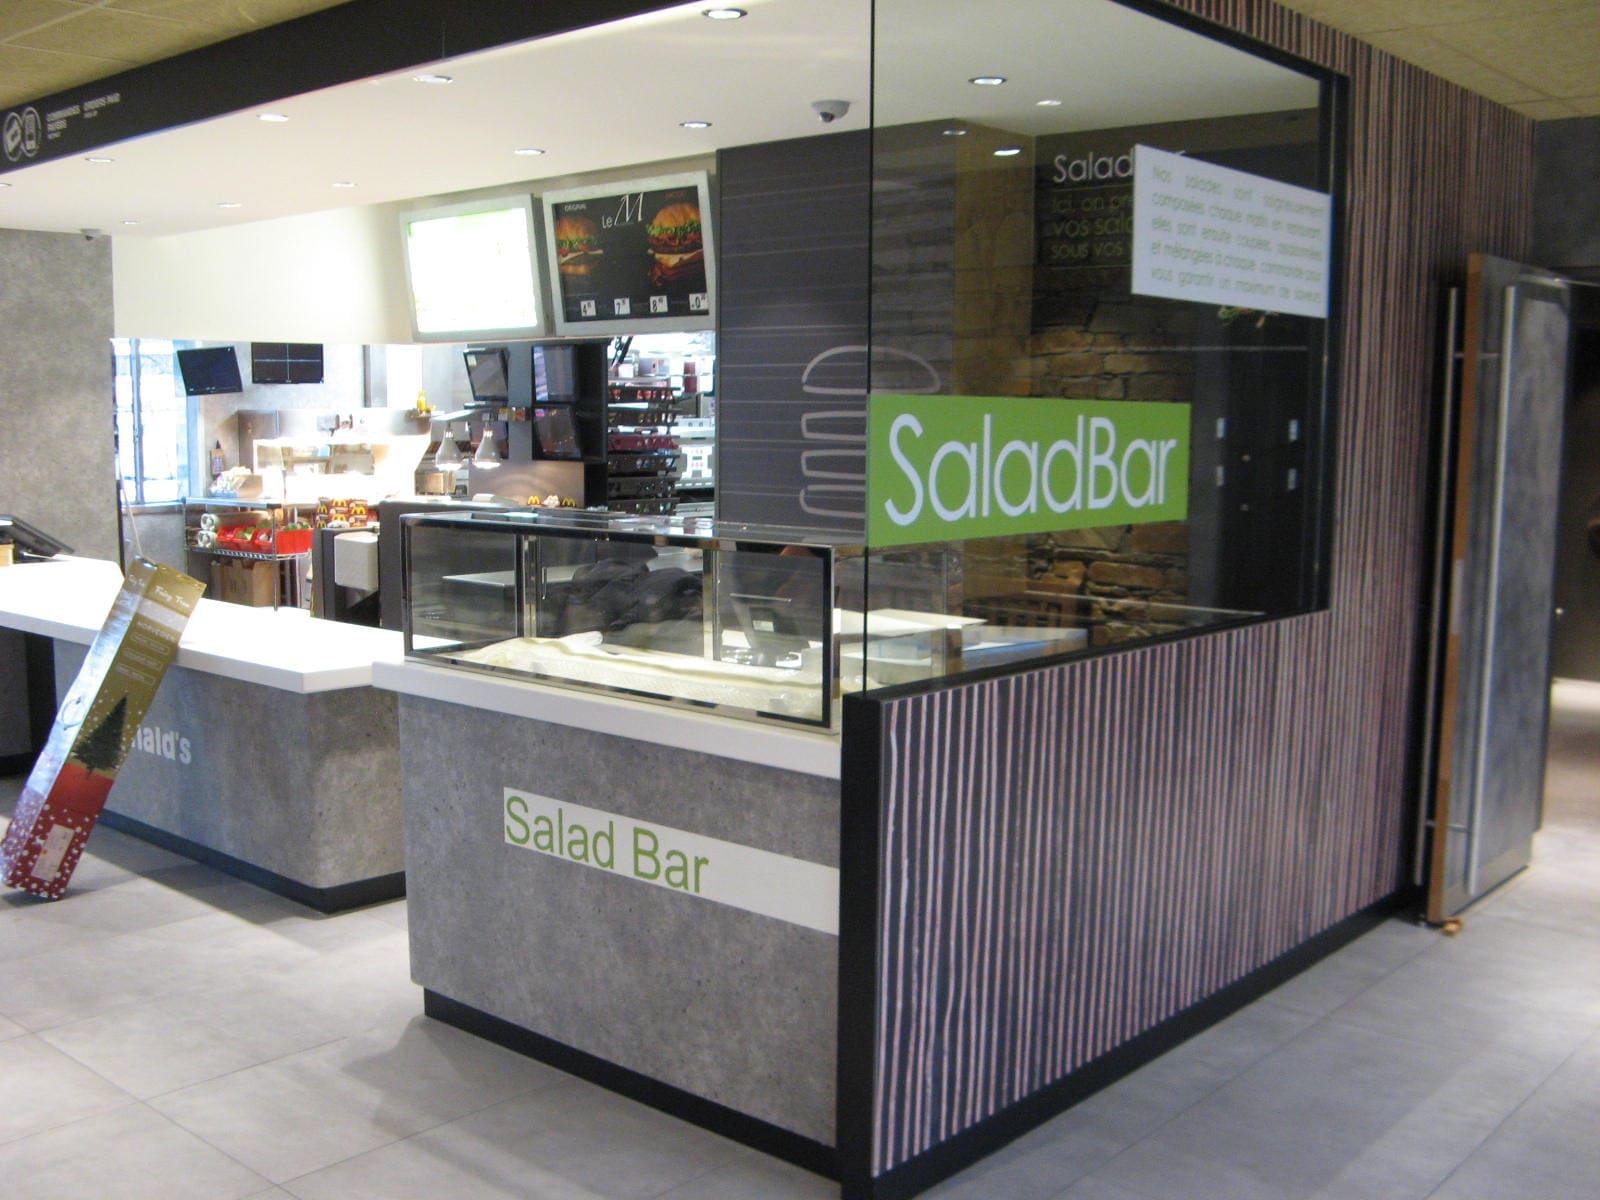 Comptoir SaladBar du McDonald's de Foix conçu par SAFRA Agencement